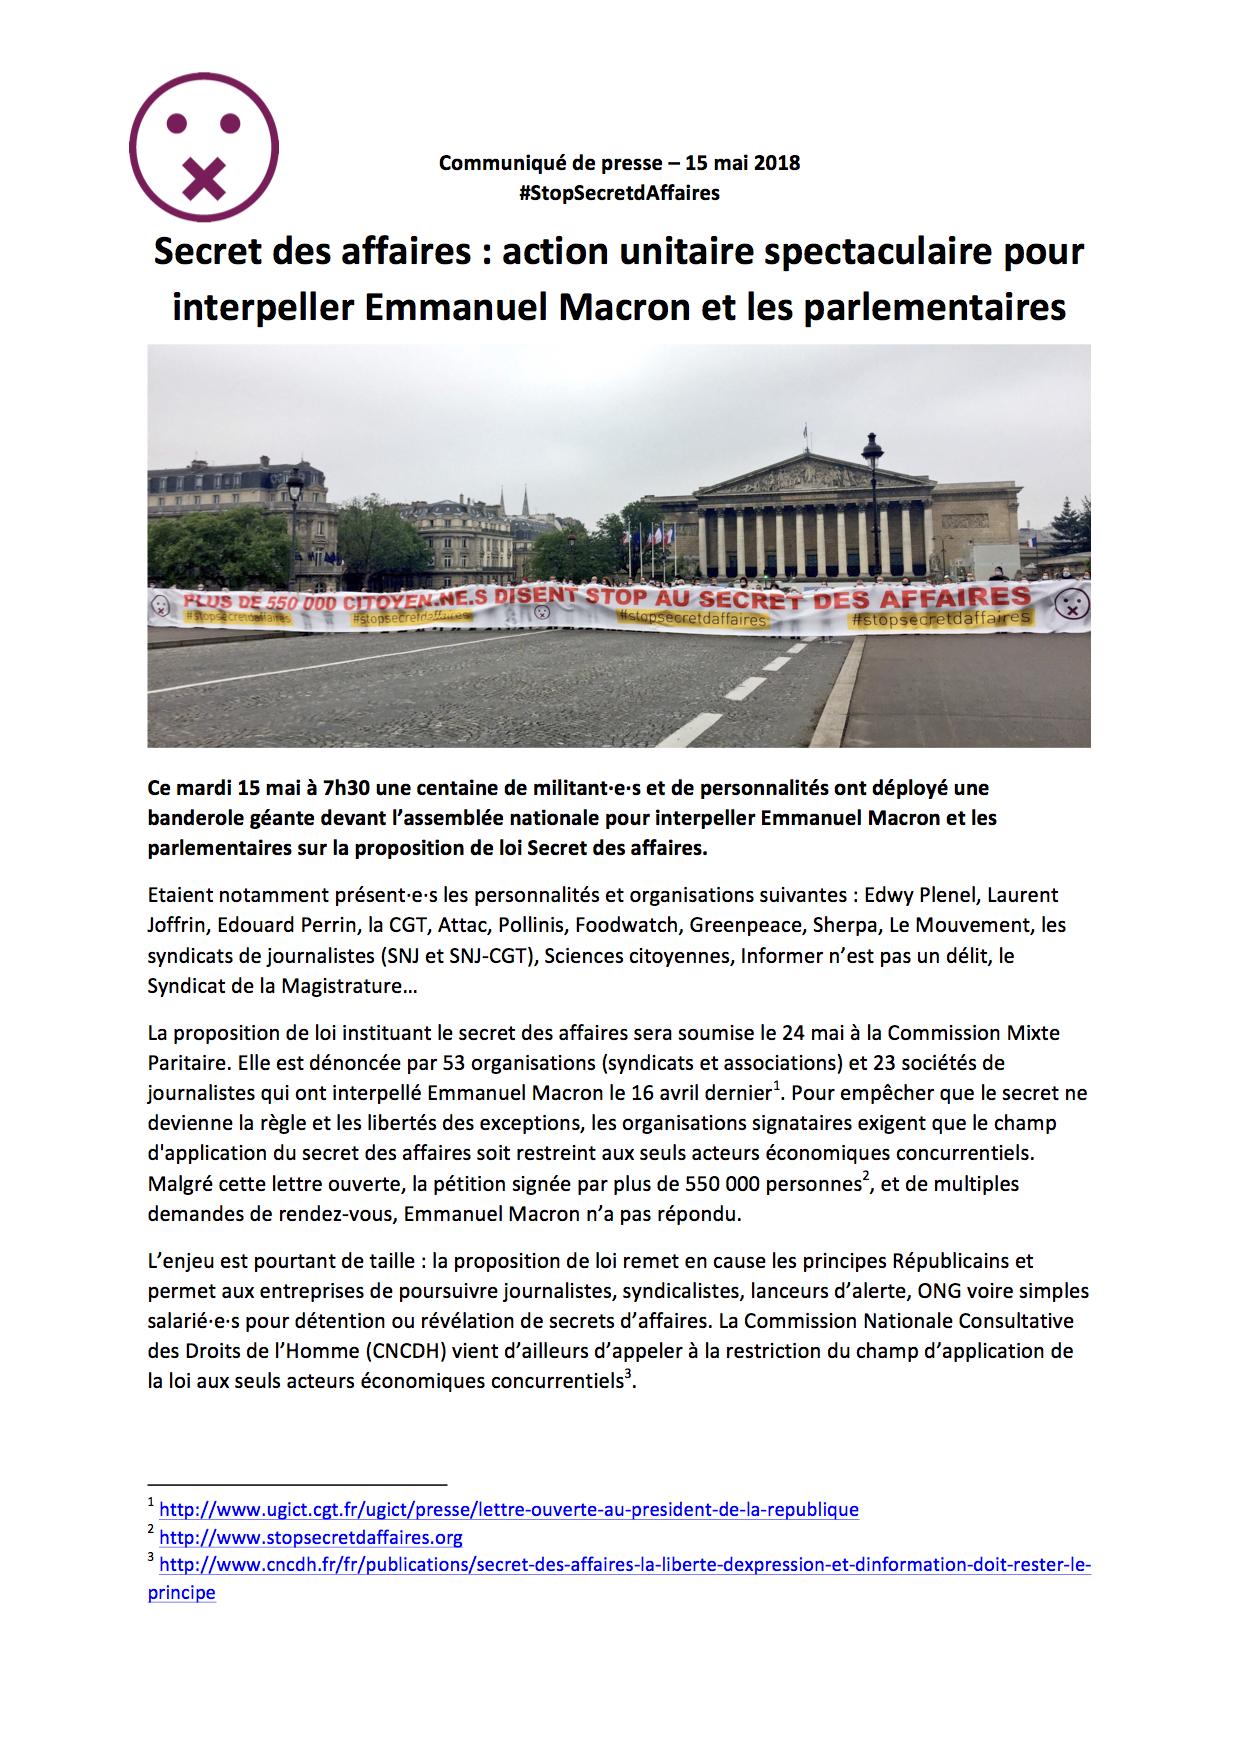 20180515-cp-secret-des-affaires-action-unitaire-spectaculaire-pour-interpeller-emmanuel-macron-et-les-parlementaires-1-glissees